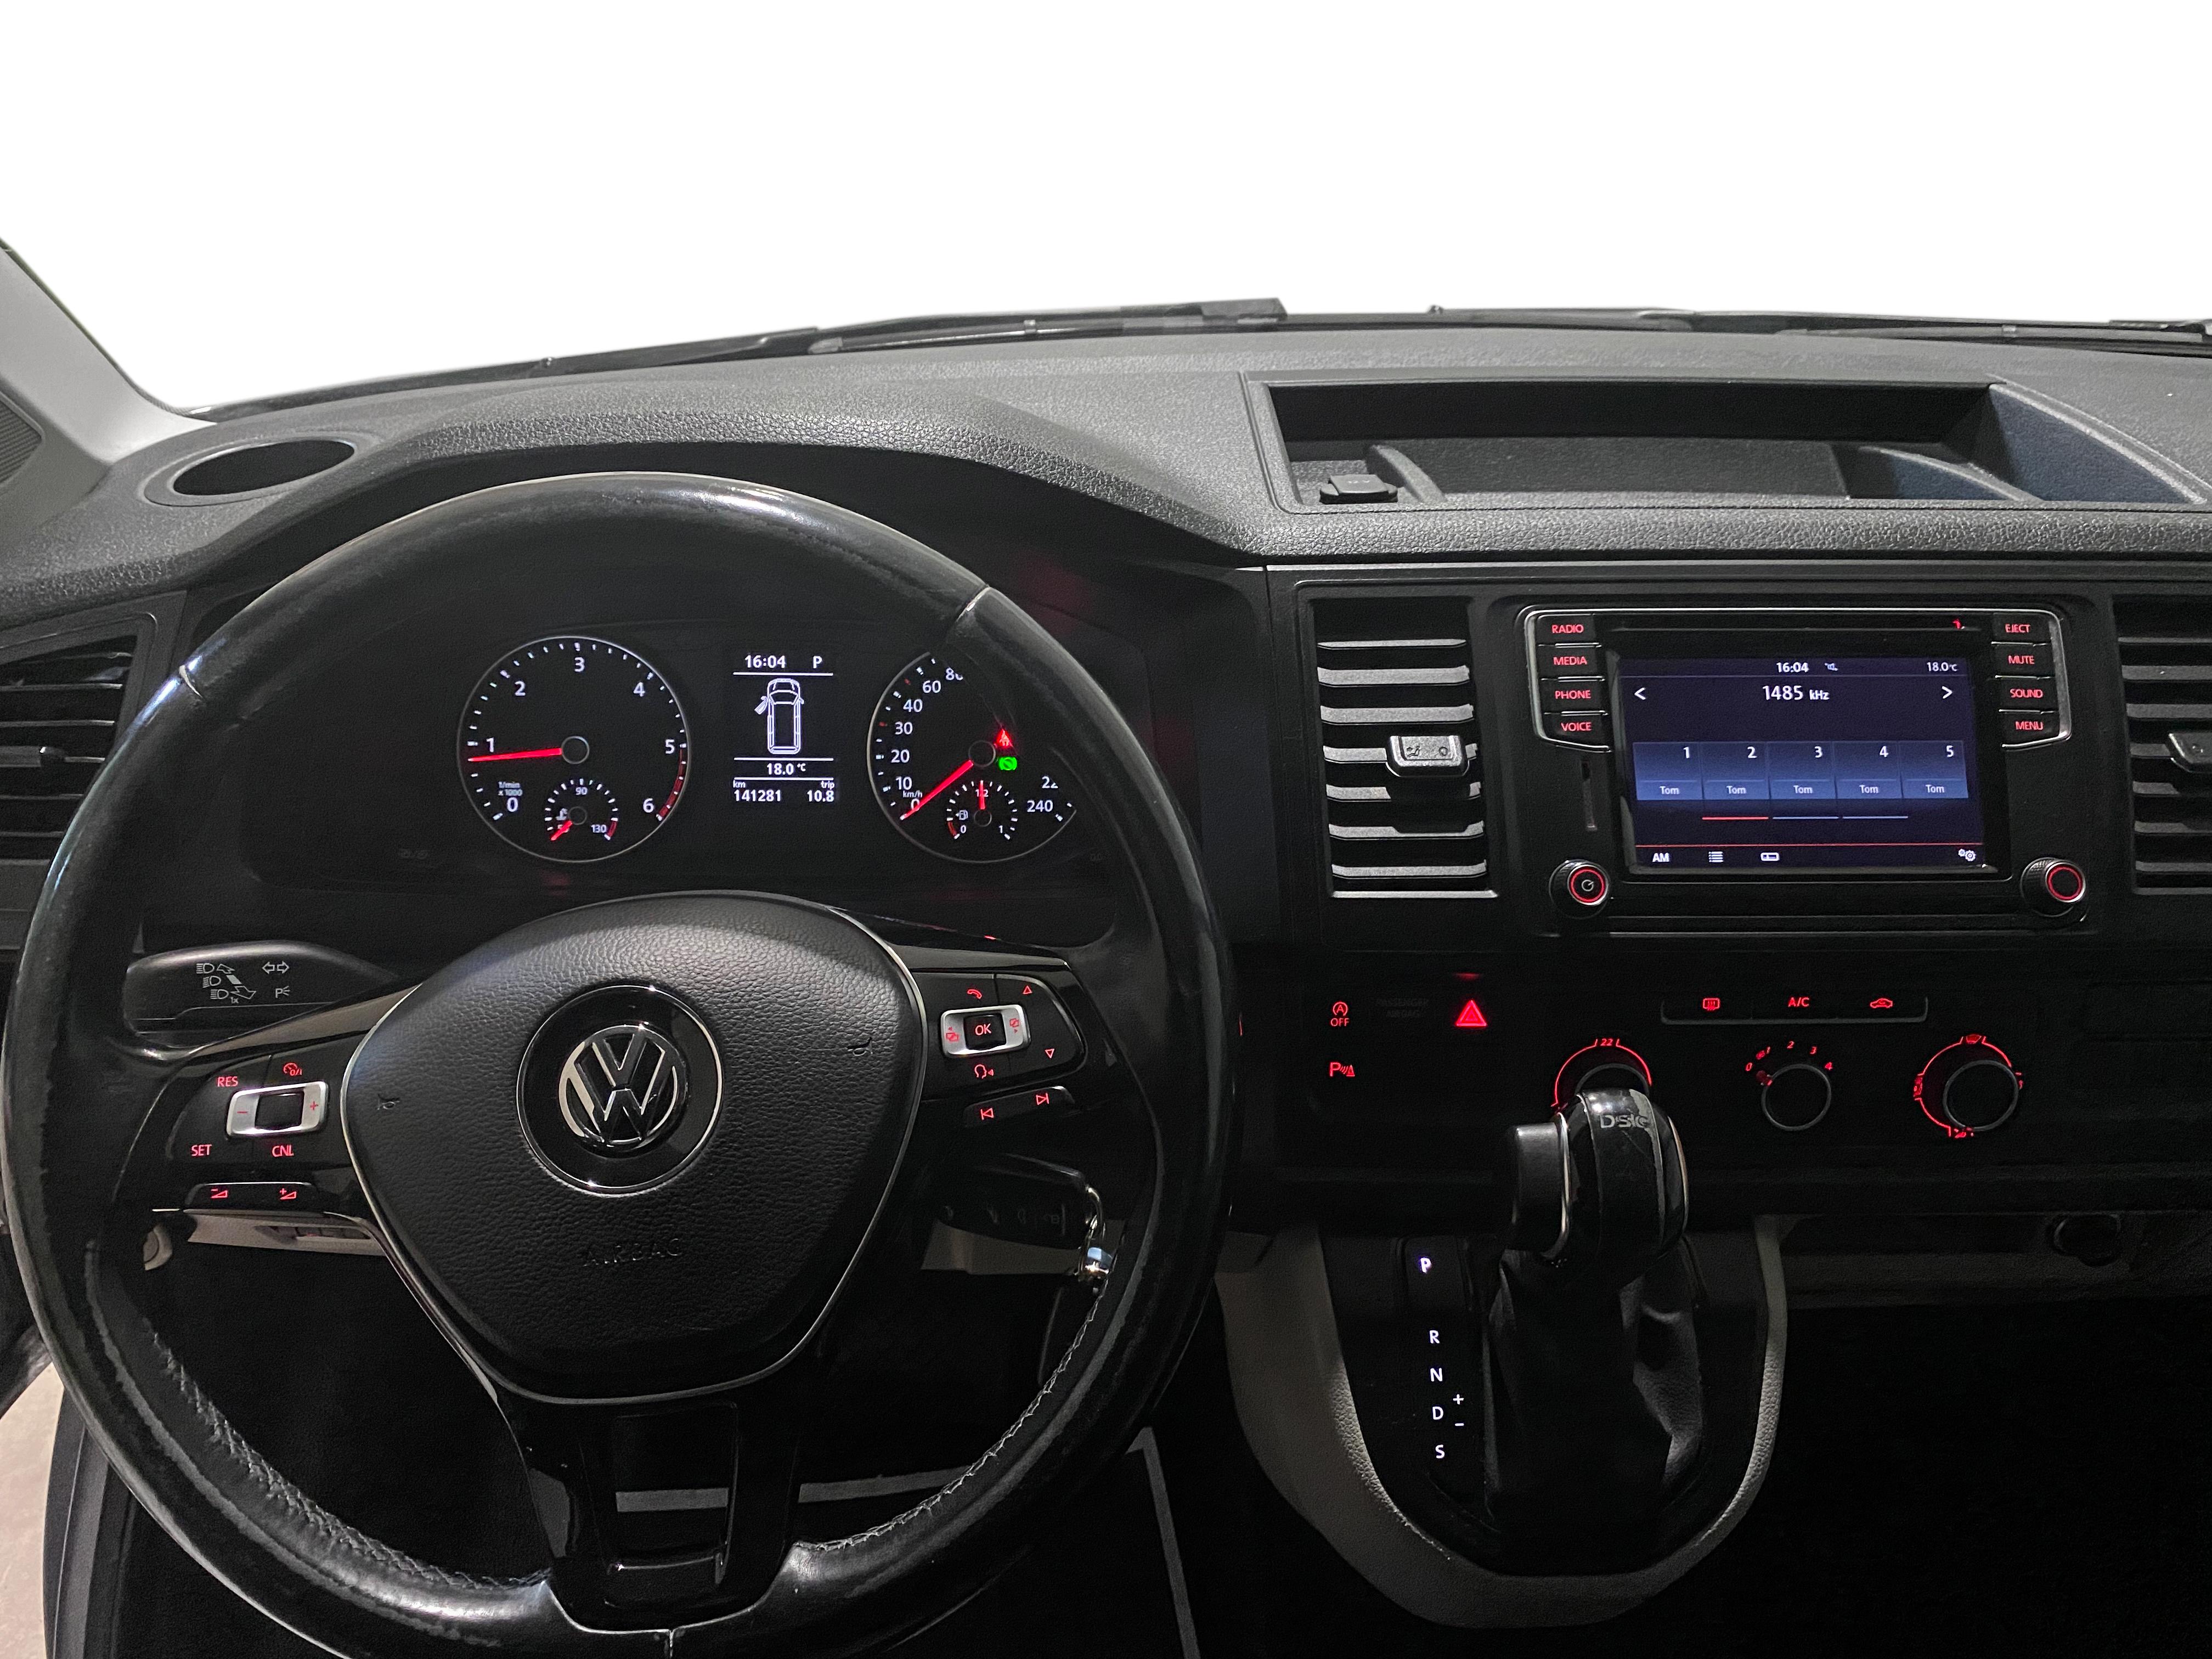 VW Transporter 2,0 TDi 150 DSG lang leasing